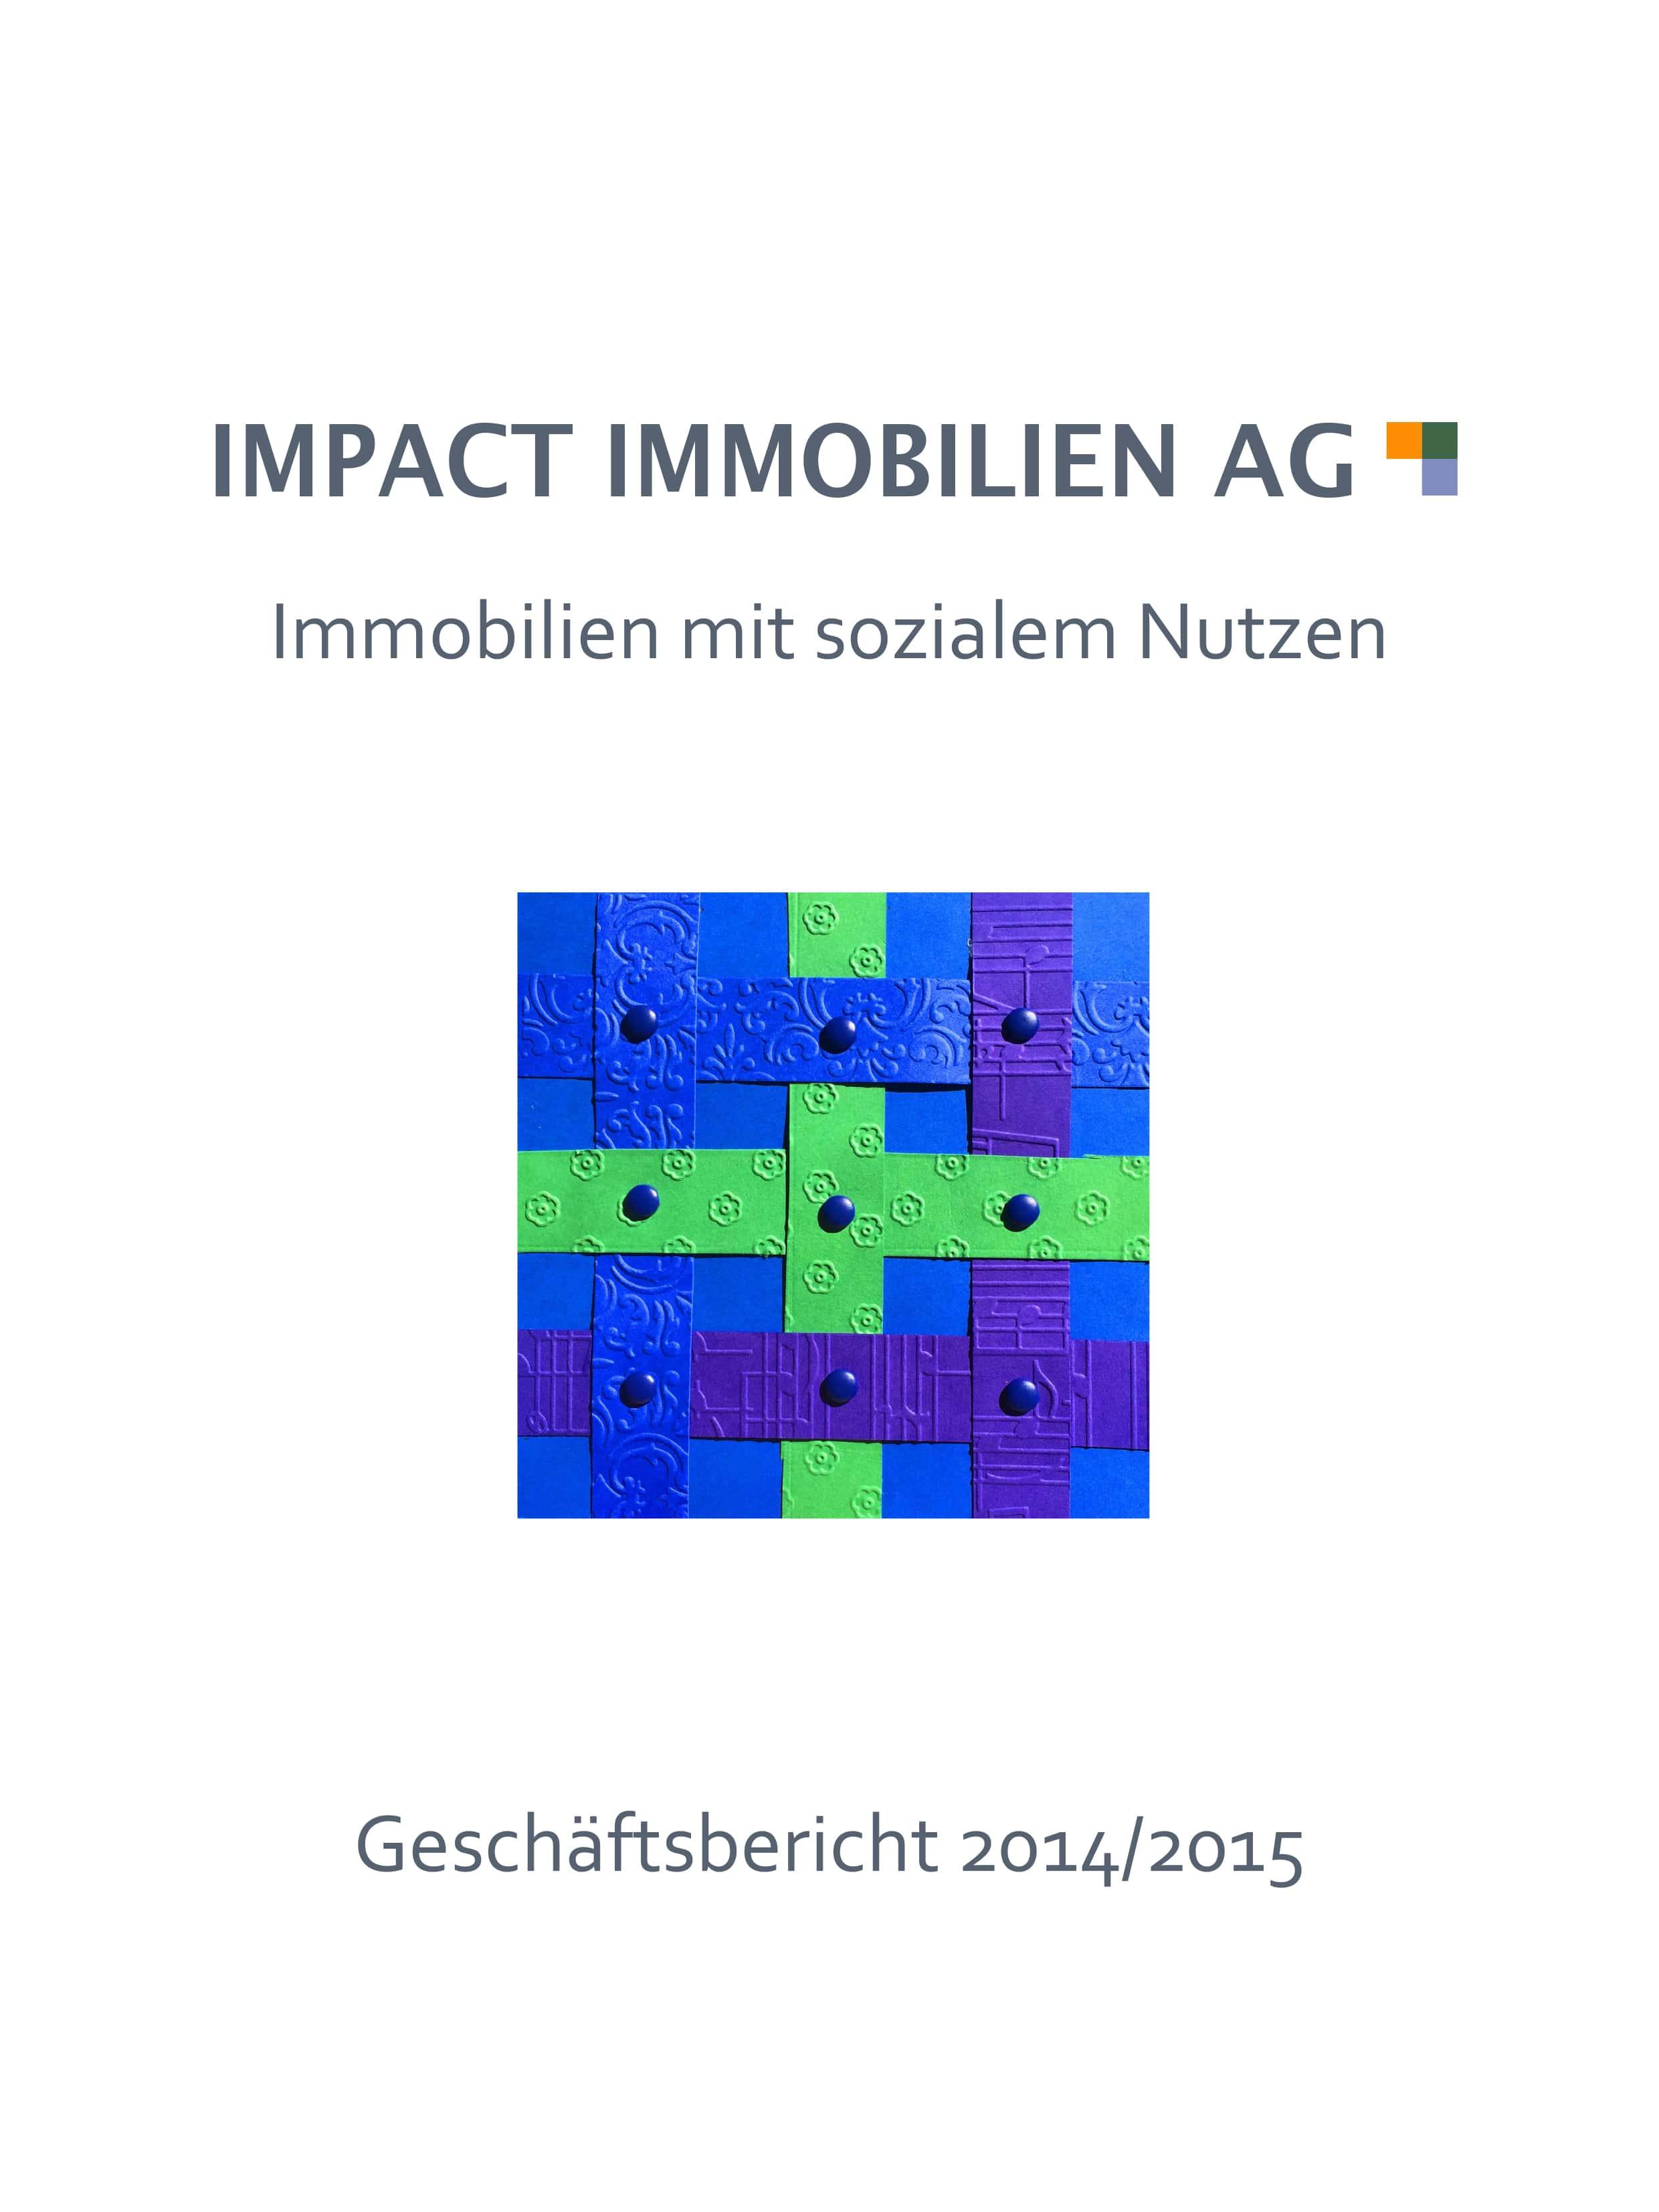 IIAG-Geschftsbericht-2014-15-min